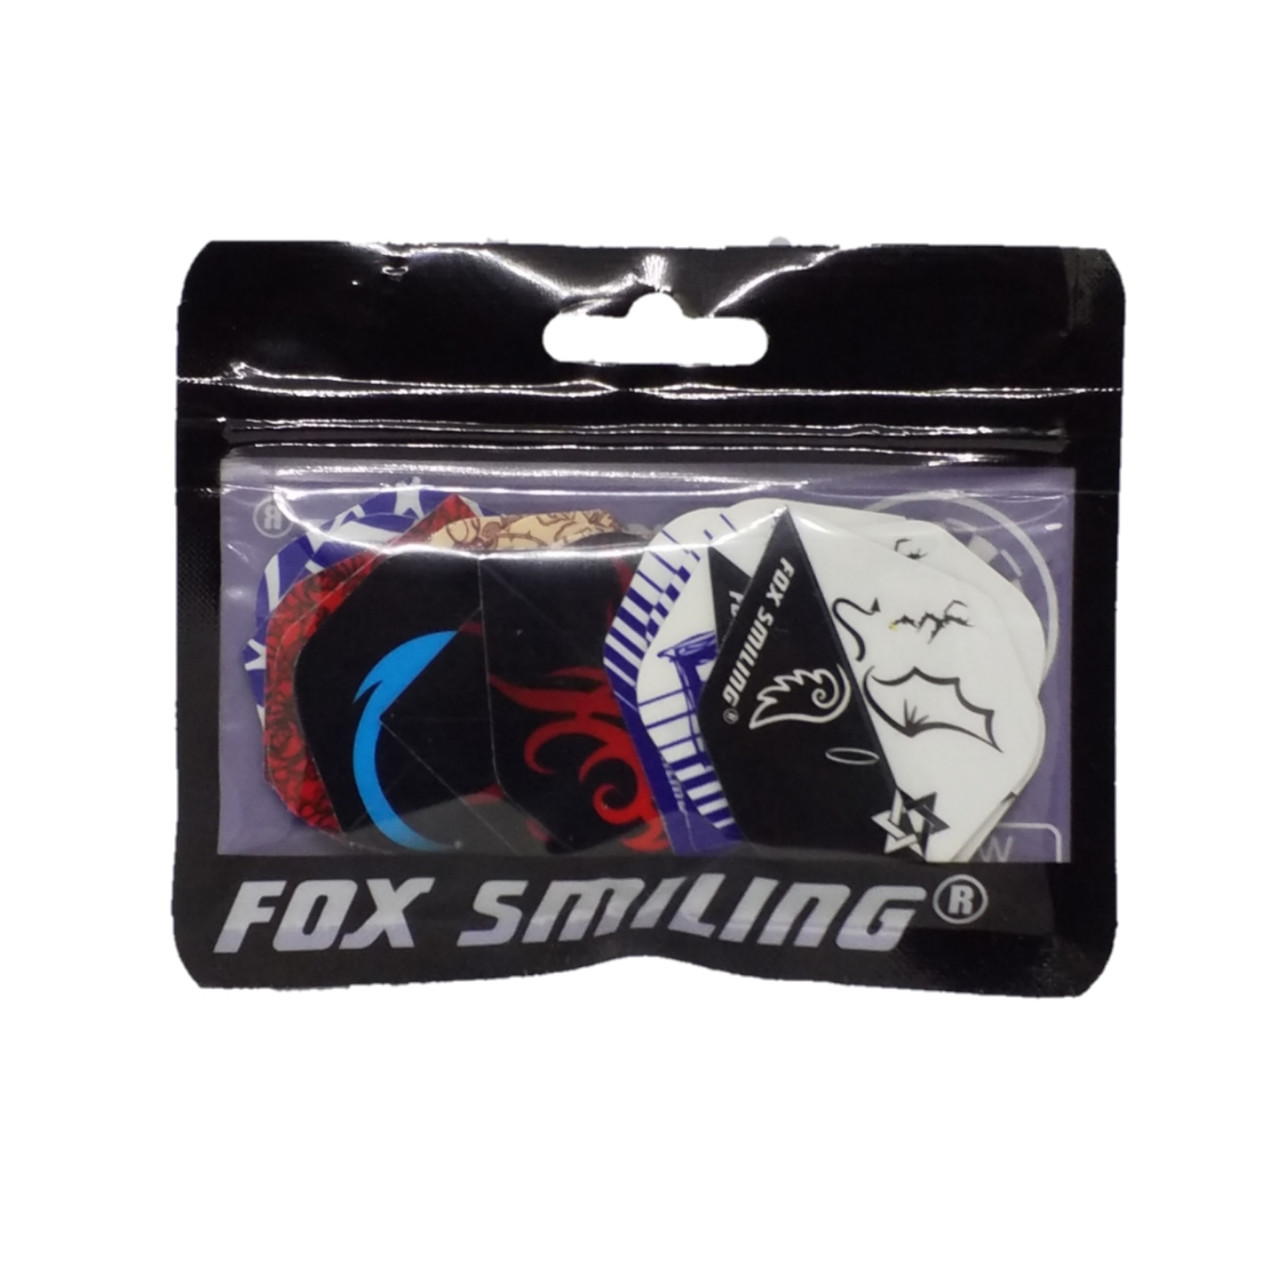 Оперение для дротиков дартс Fox Smiling 6 штук